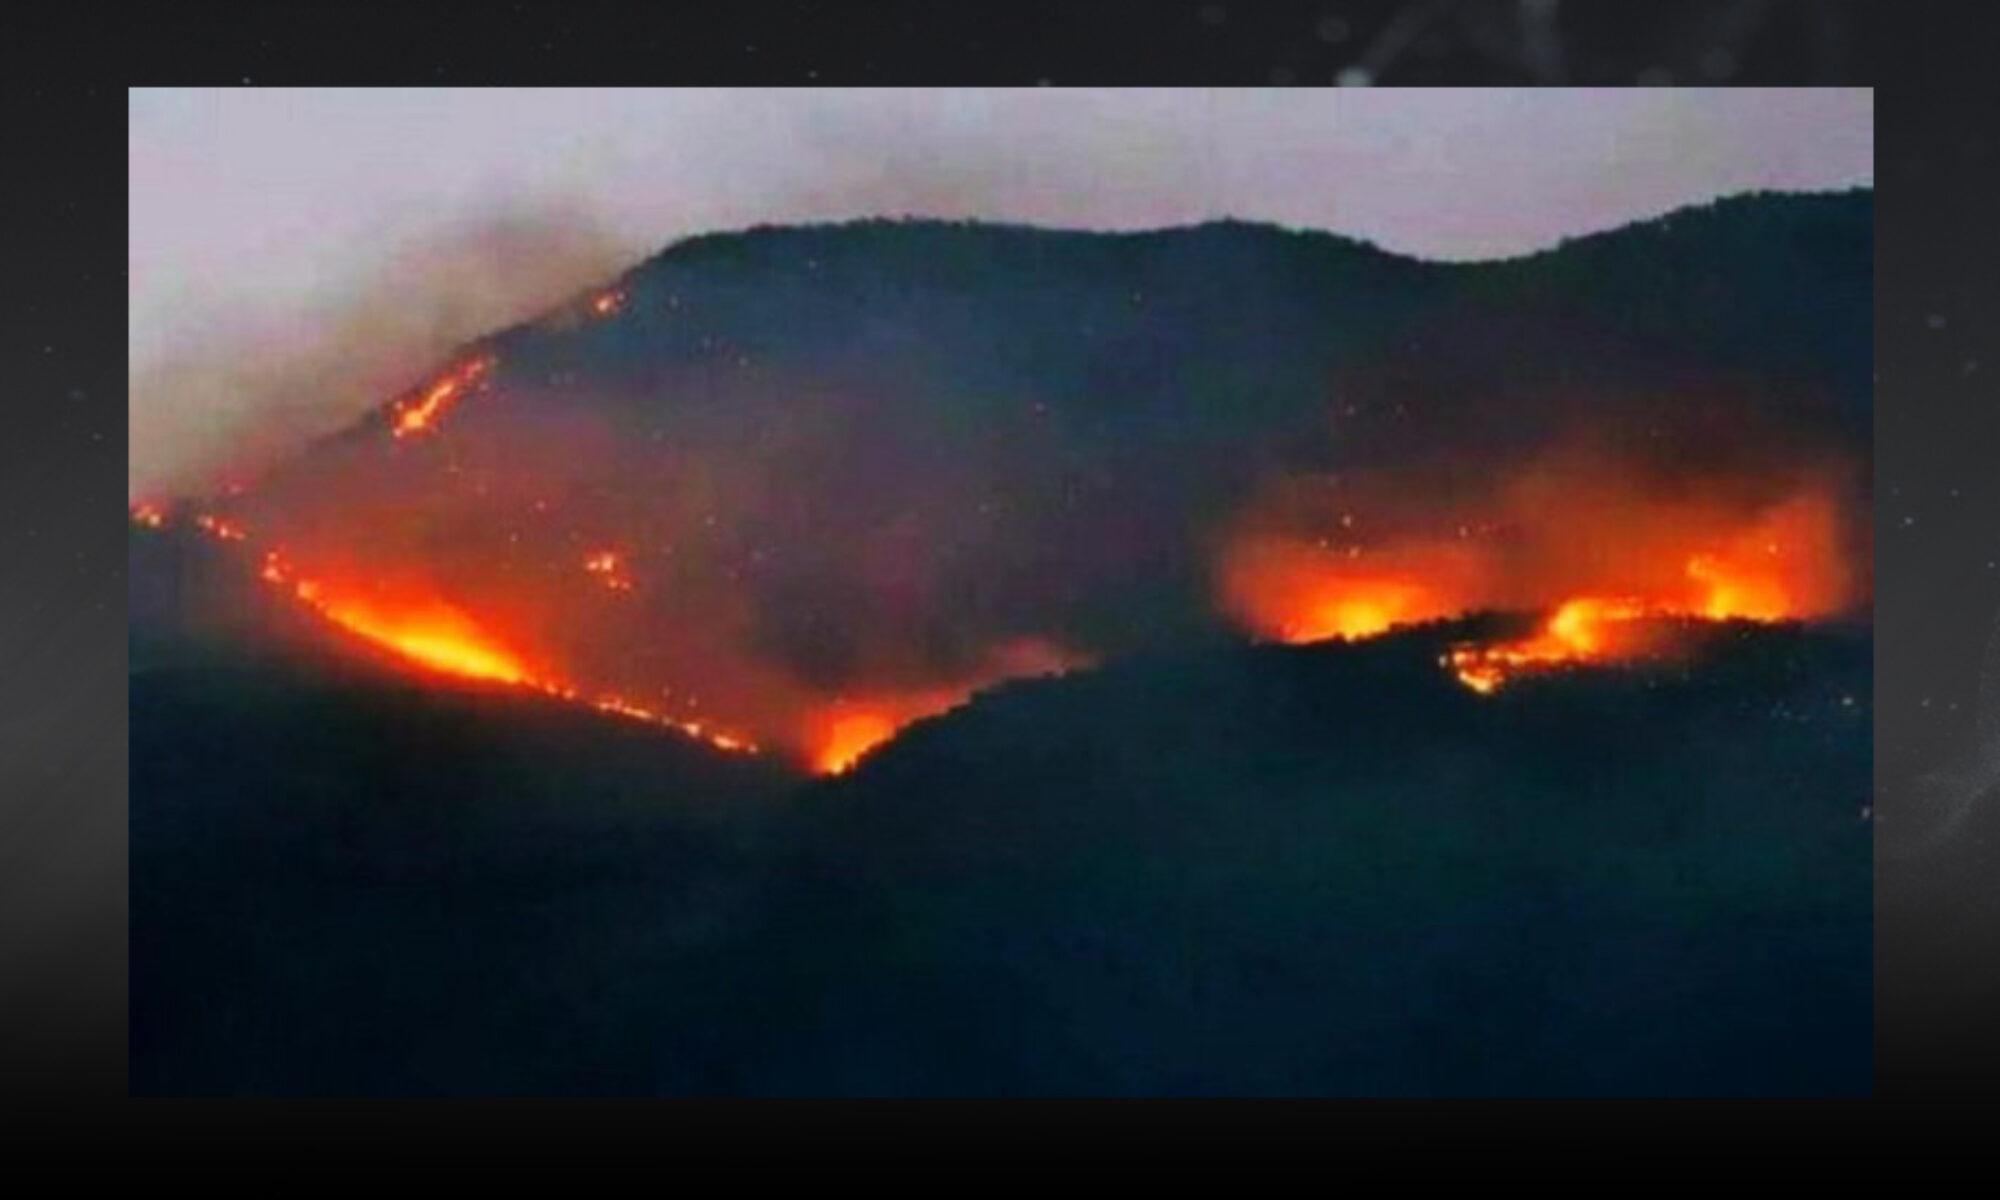 Dersim yanıyor, halkın müdahalesine izin verilmiyor